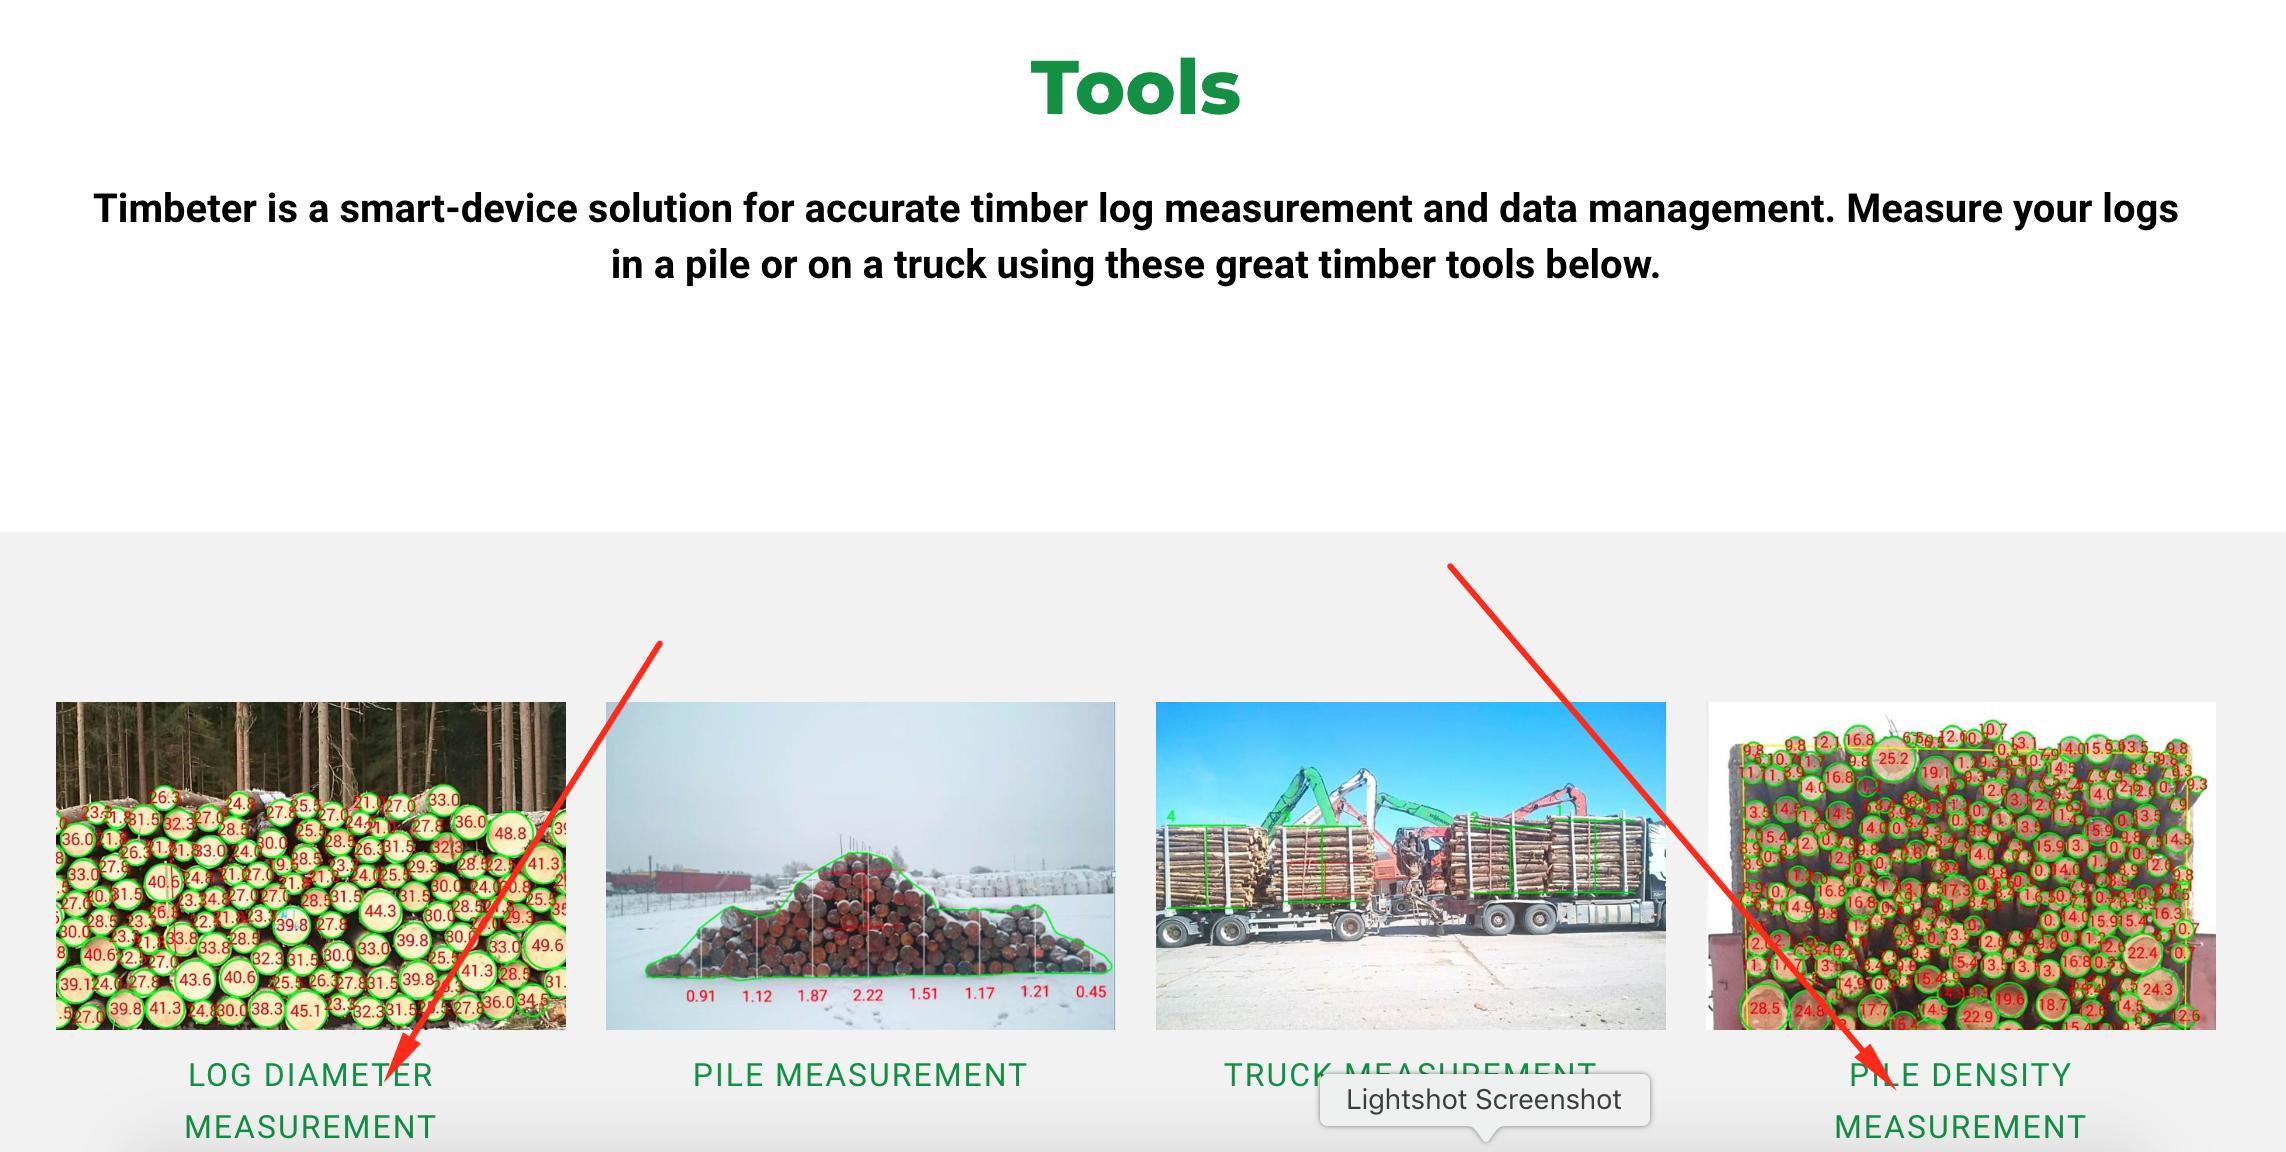 Tools Webpage